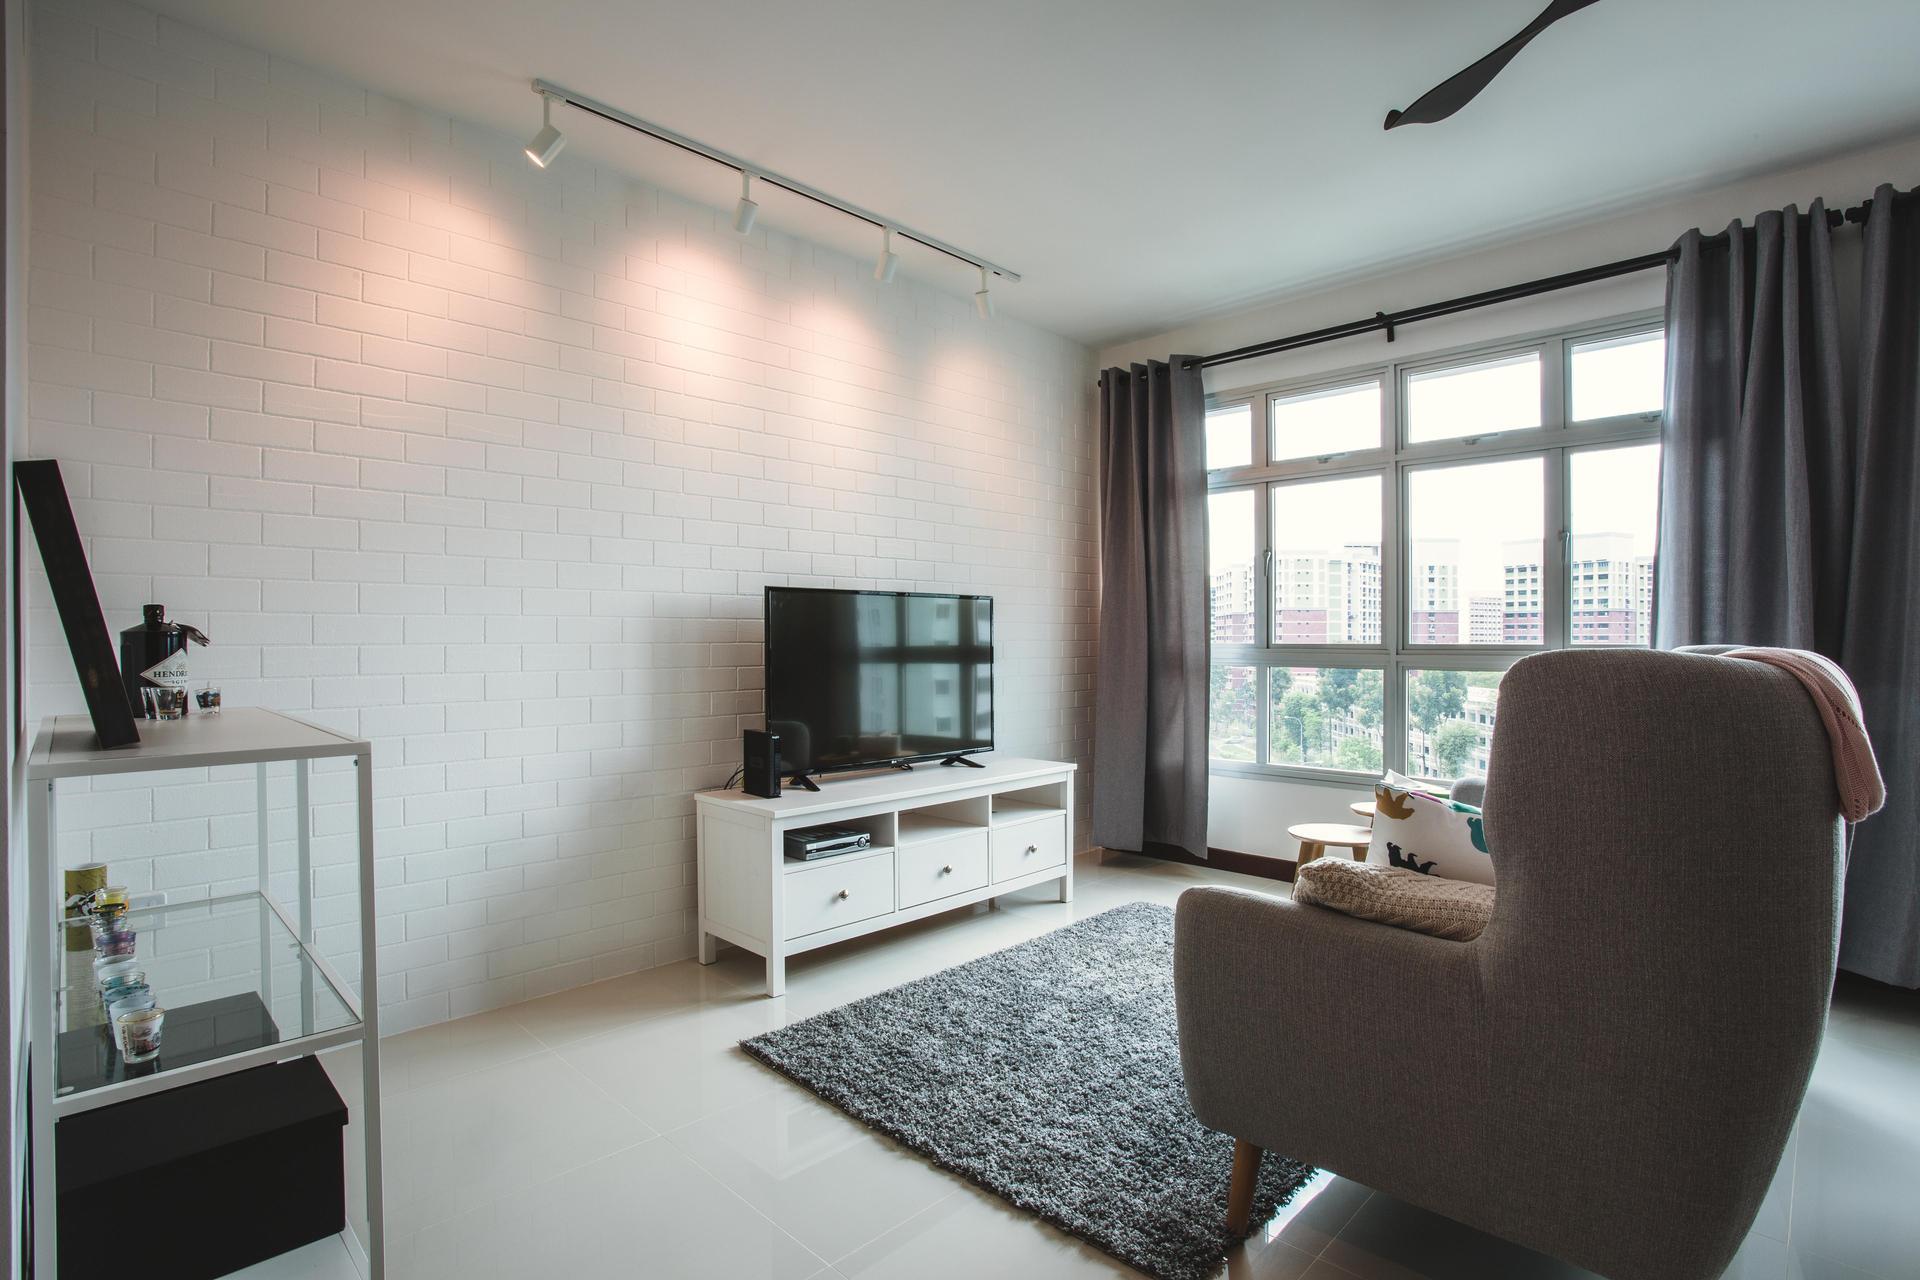 Scandinavian interior design that is sleek yet textured